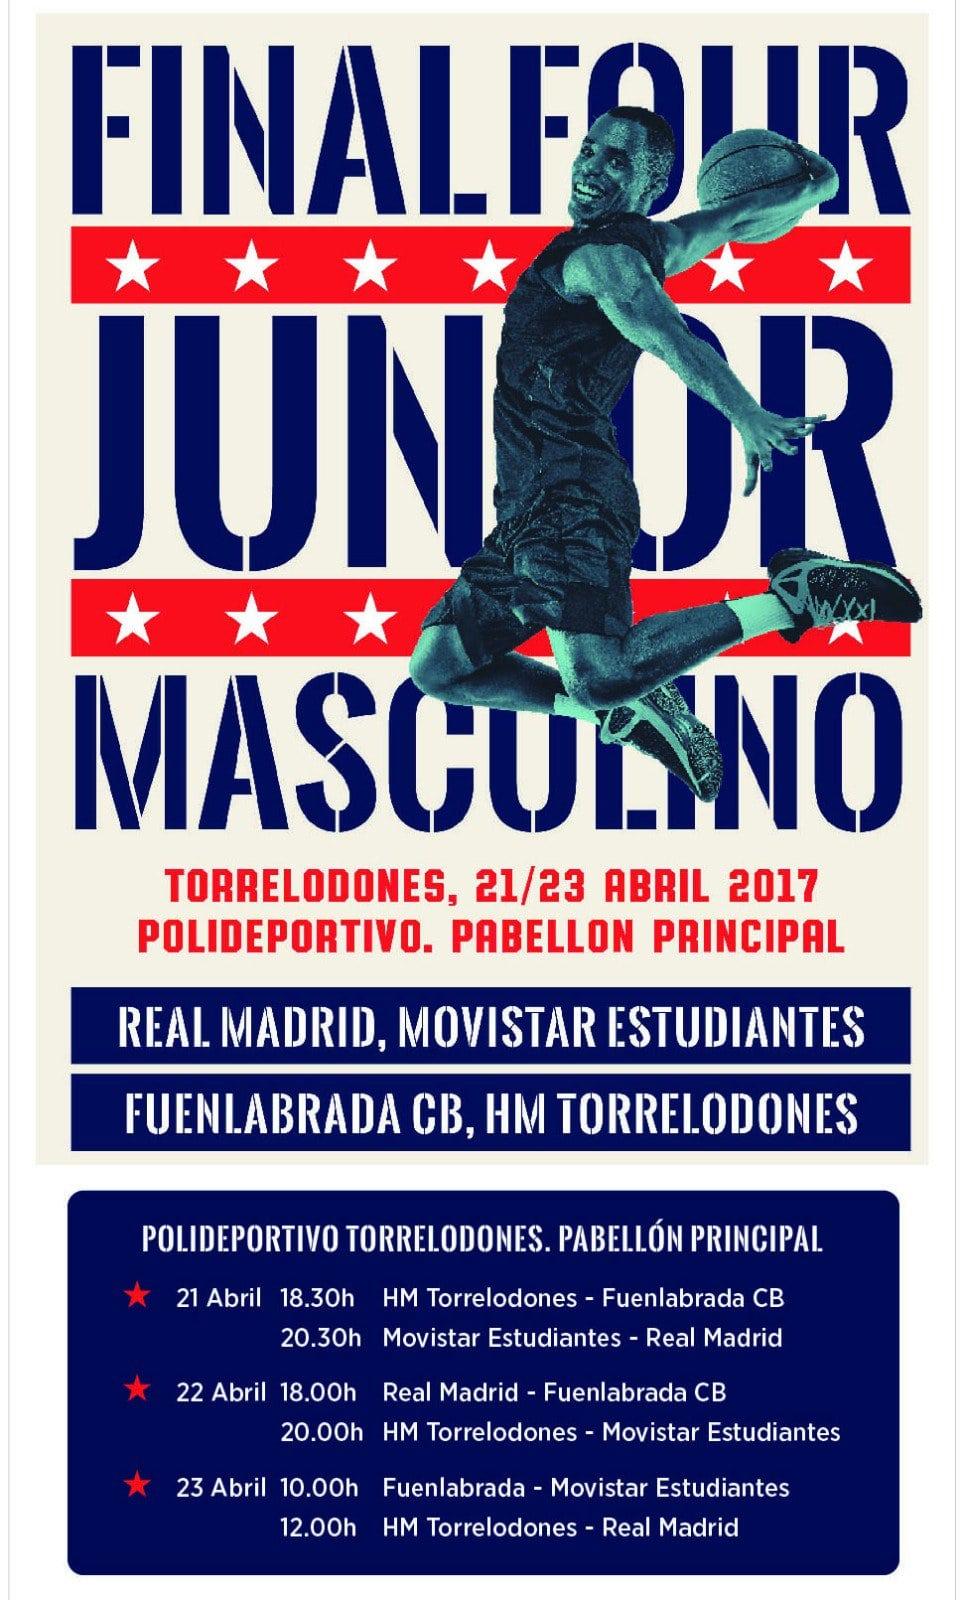 Fase Final Junior Masculino de Madrid: 21 al 23 de abril, Torrelodones